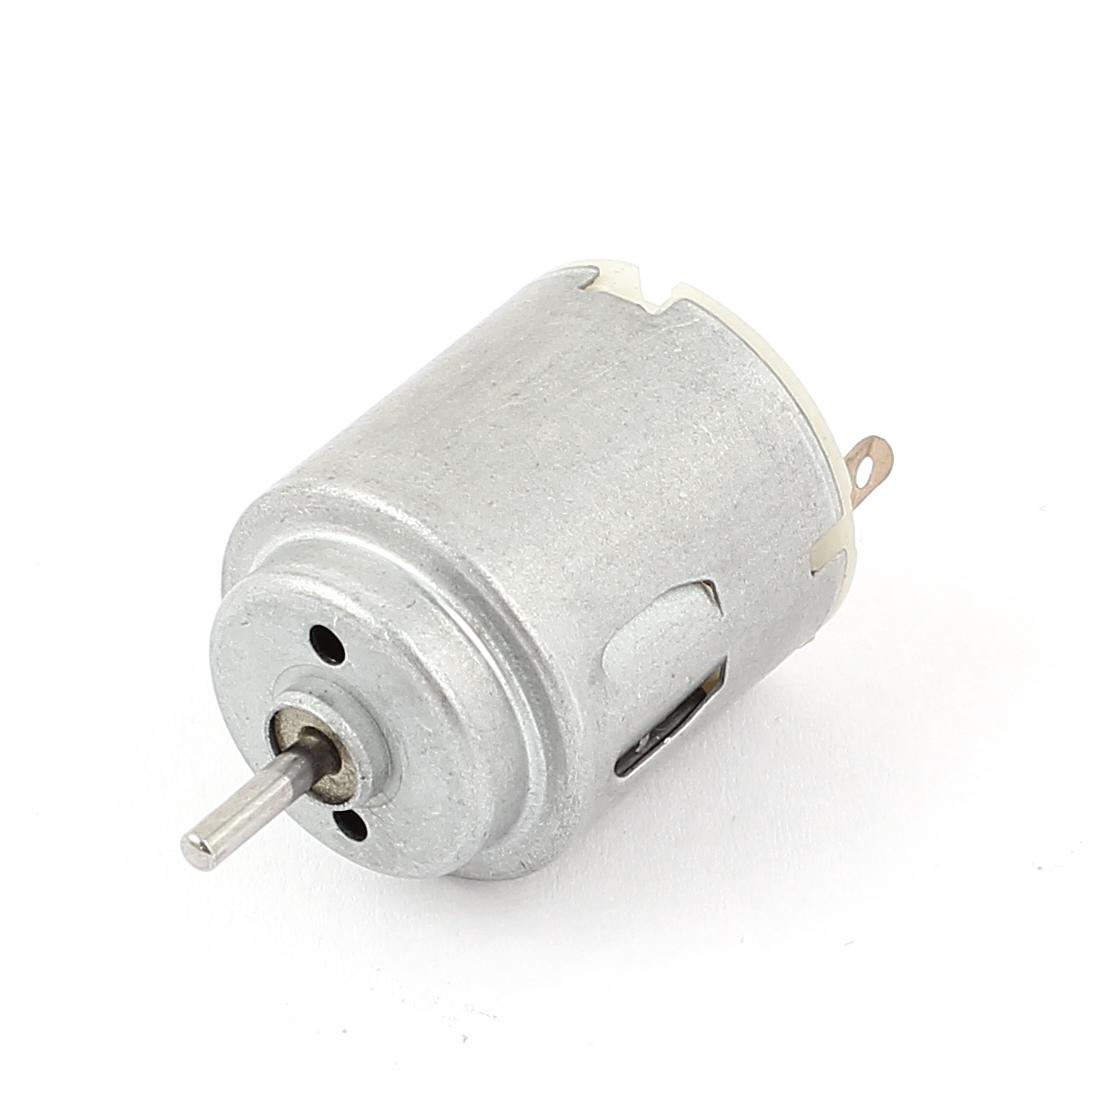 DC 3V-6V 16500RPM Output Speed High Torque Micro Motor for DIY Toys Car Ship